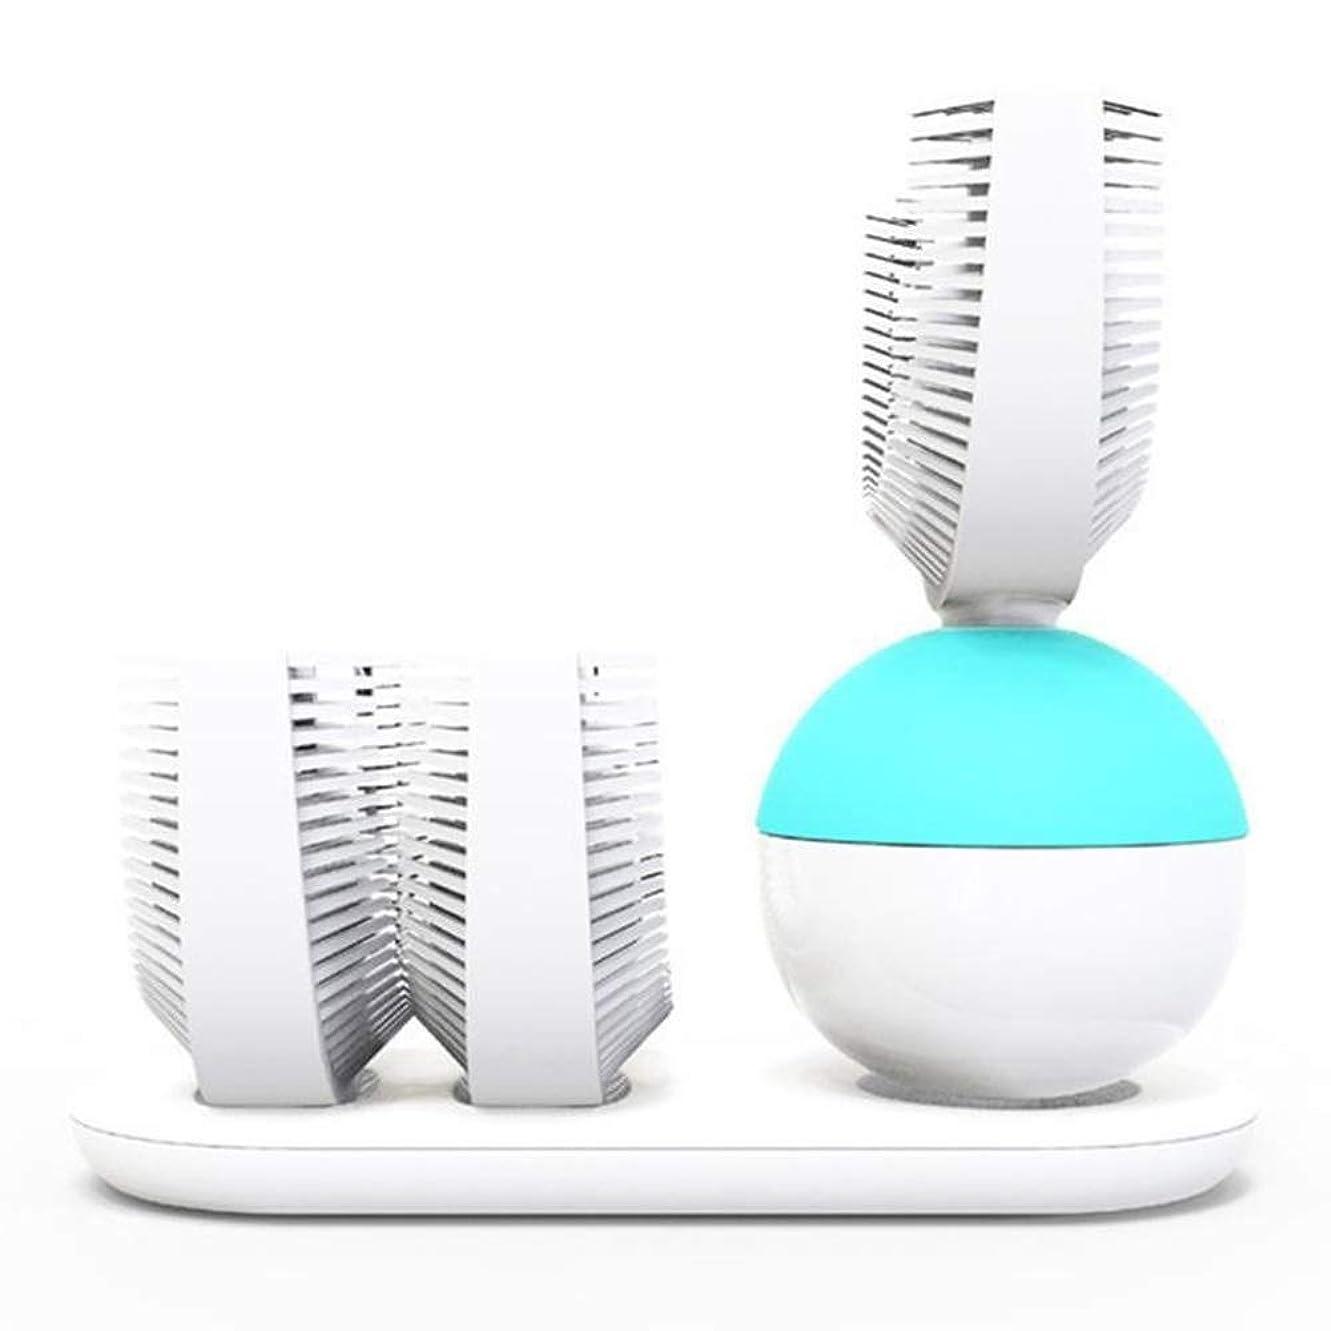 全部巻き戻す殺しますインテリジェント自動電動歯ブラシ超音波ブラッシング装置大人の怠zyなU字型ブレースリングワイヤレス歯ブラシ